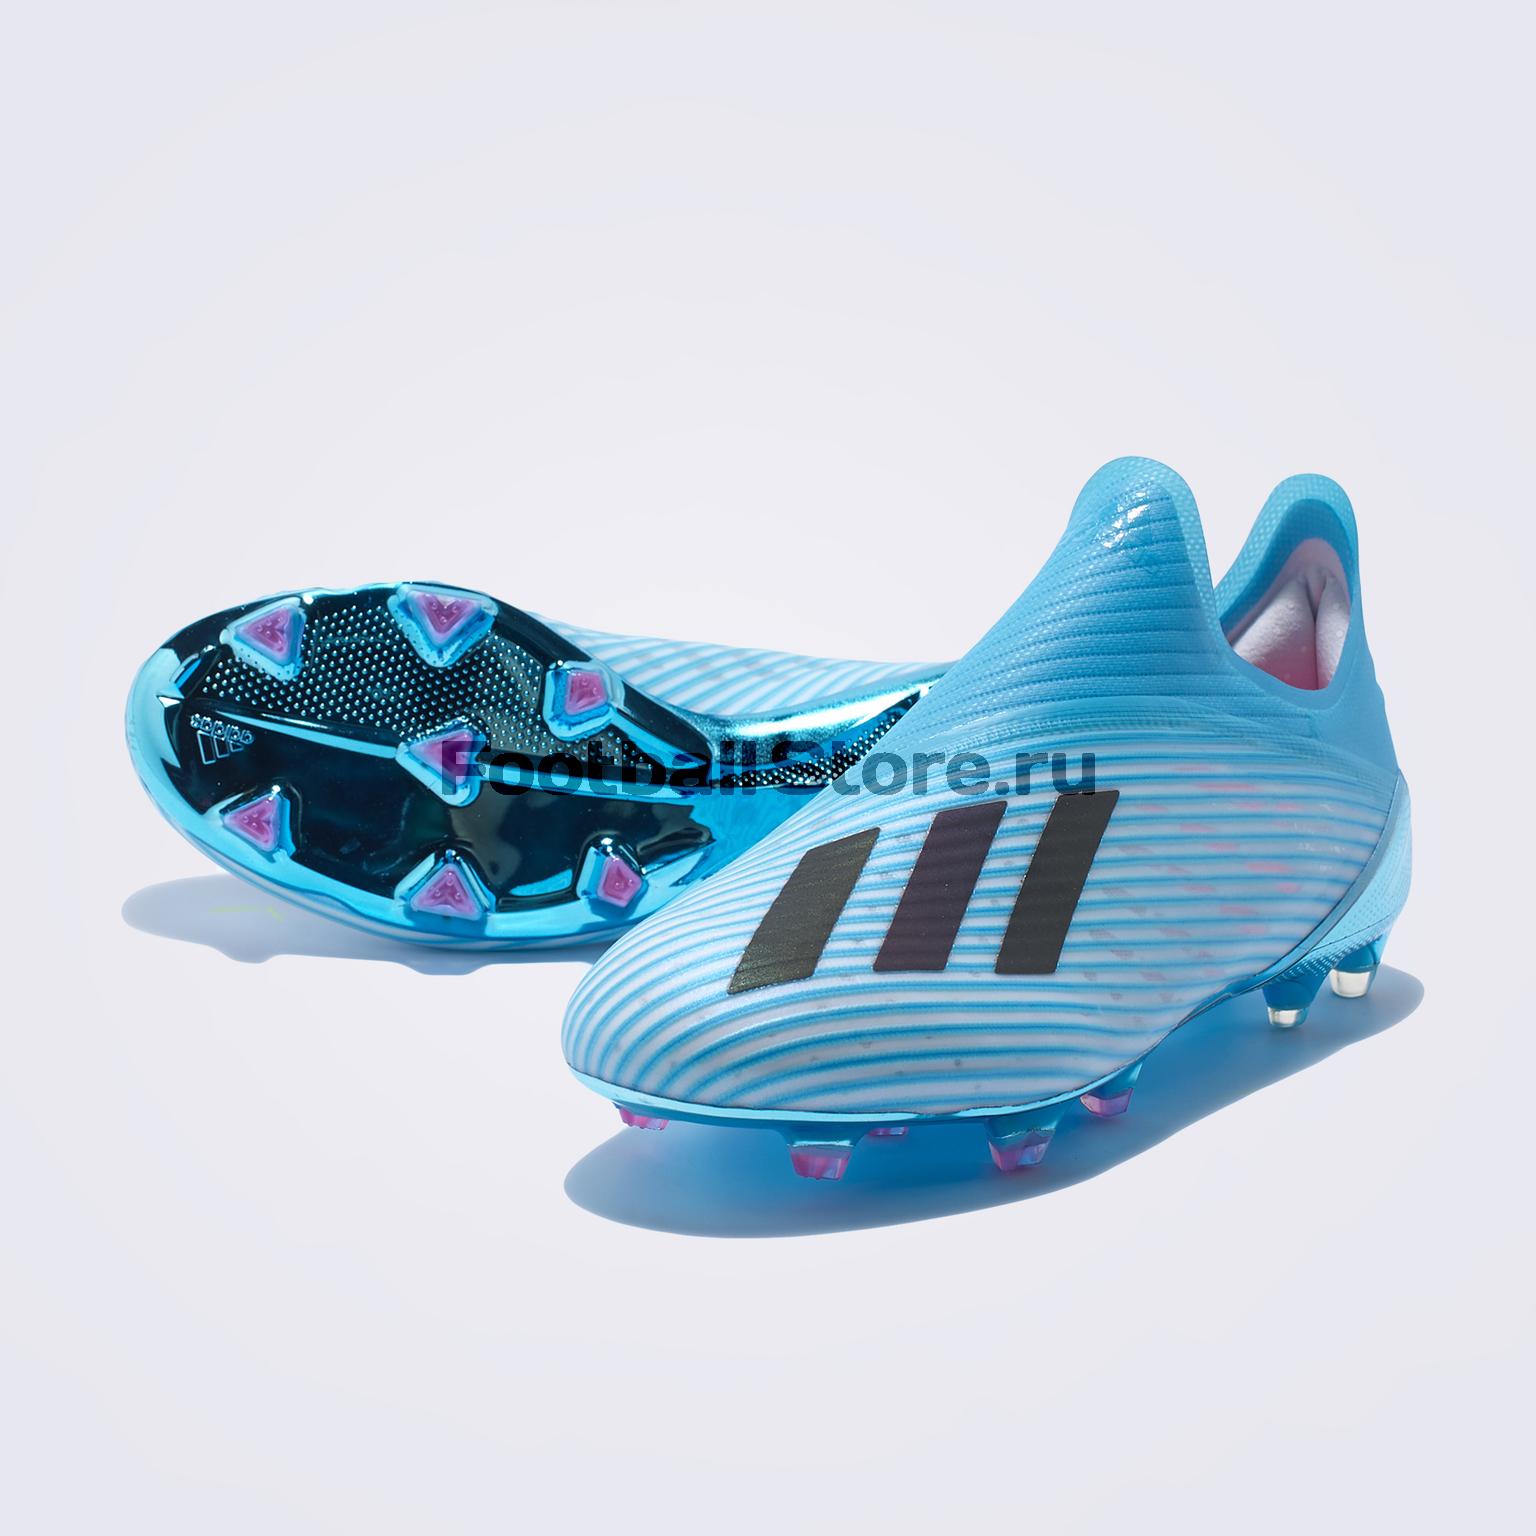 Бутсы Adidas X 19 + FG F35323